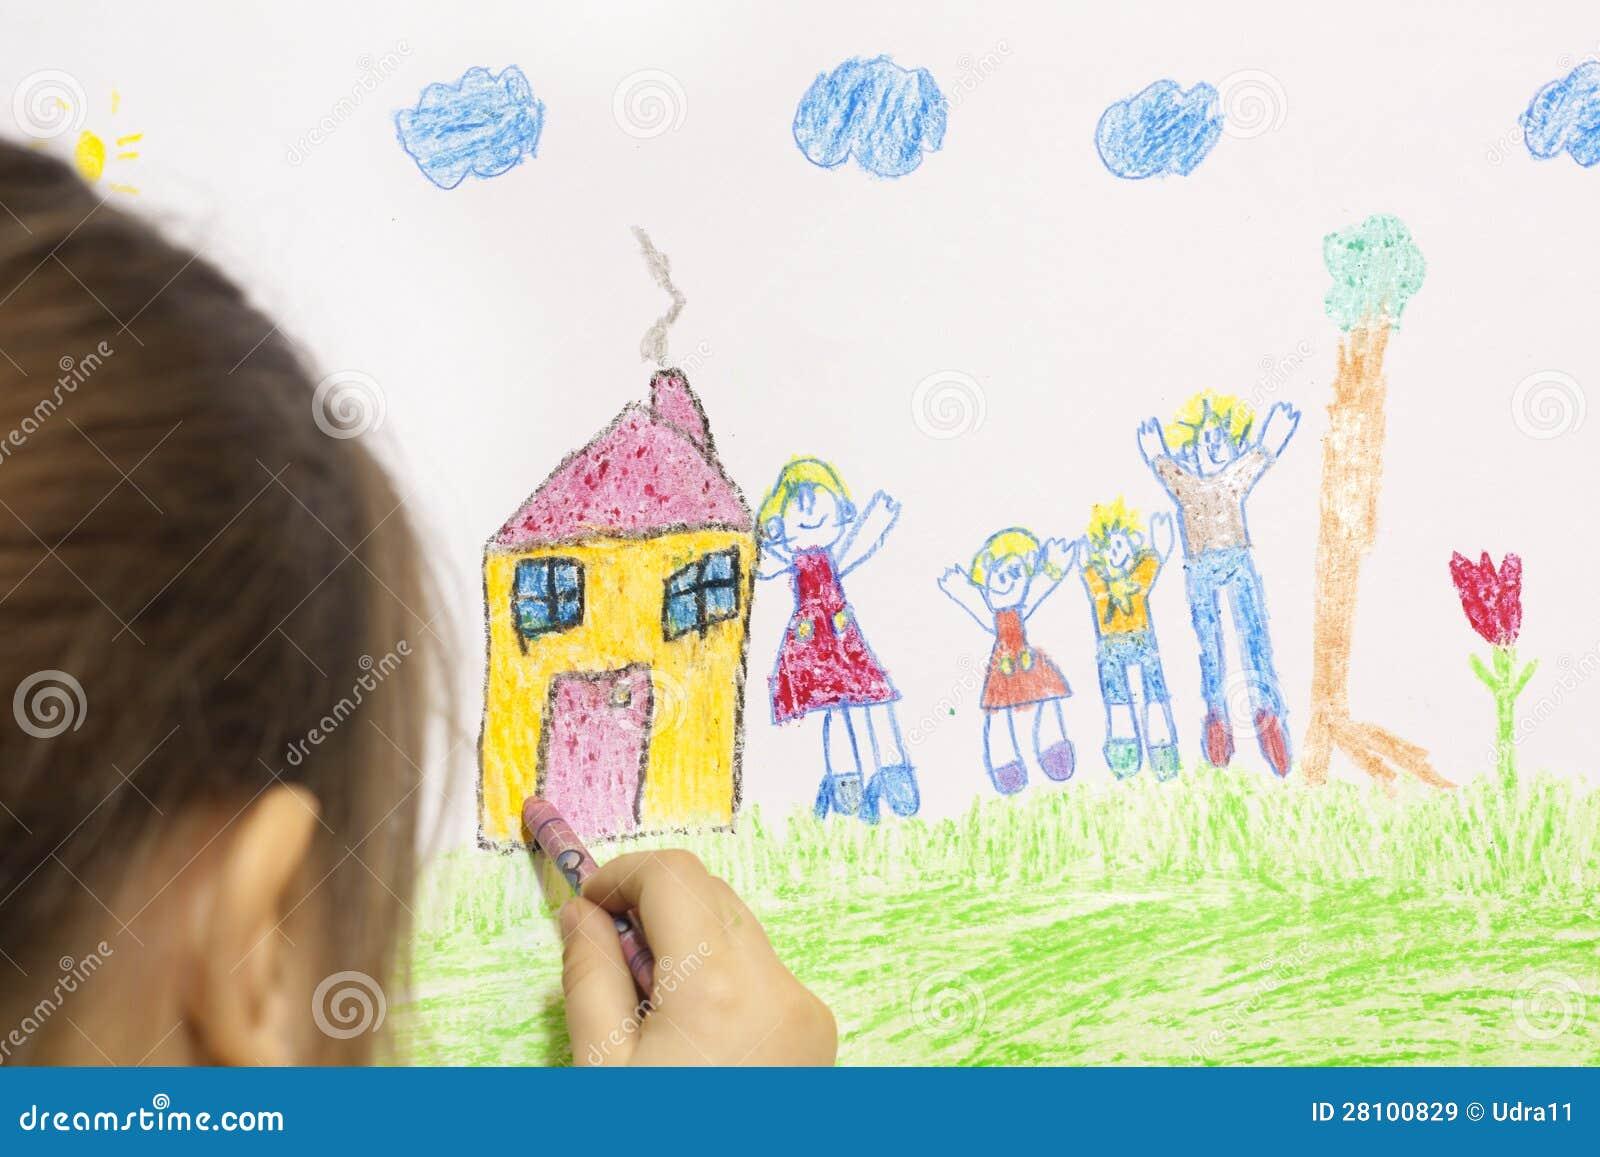 La fille dessine sa propre maison